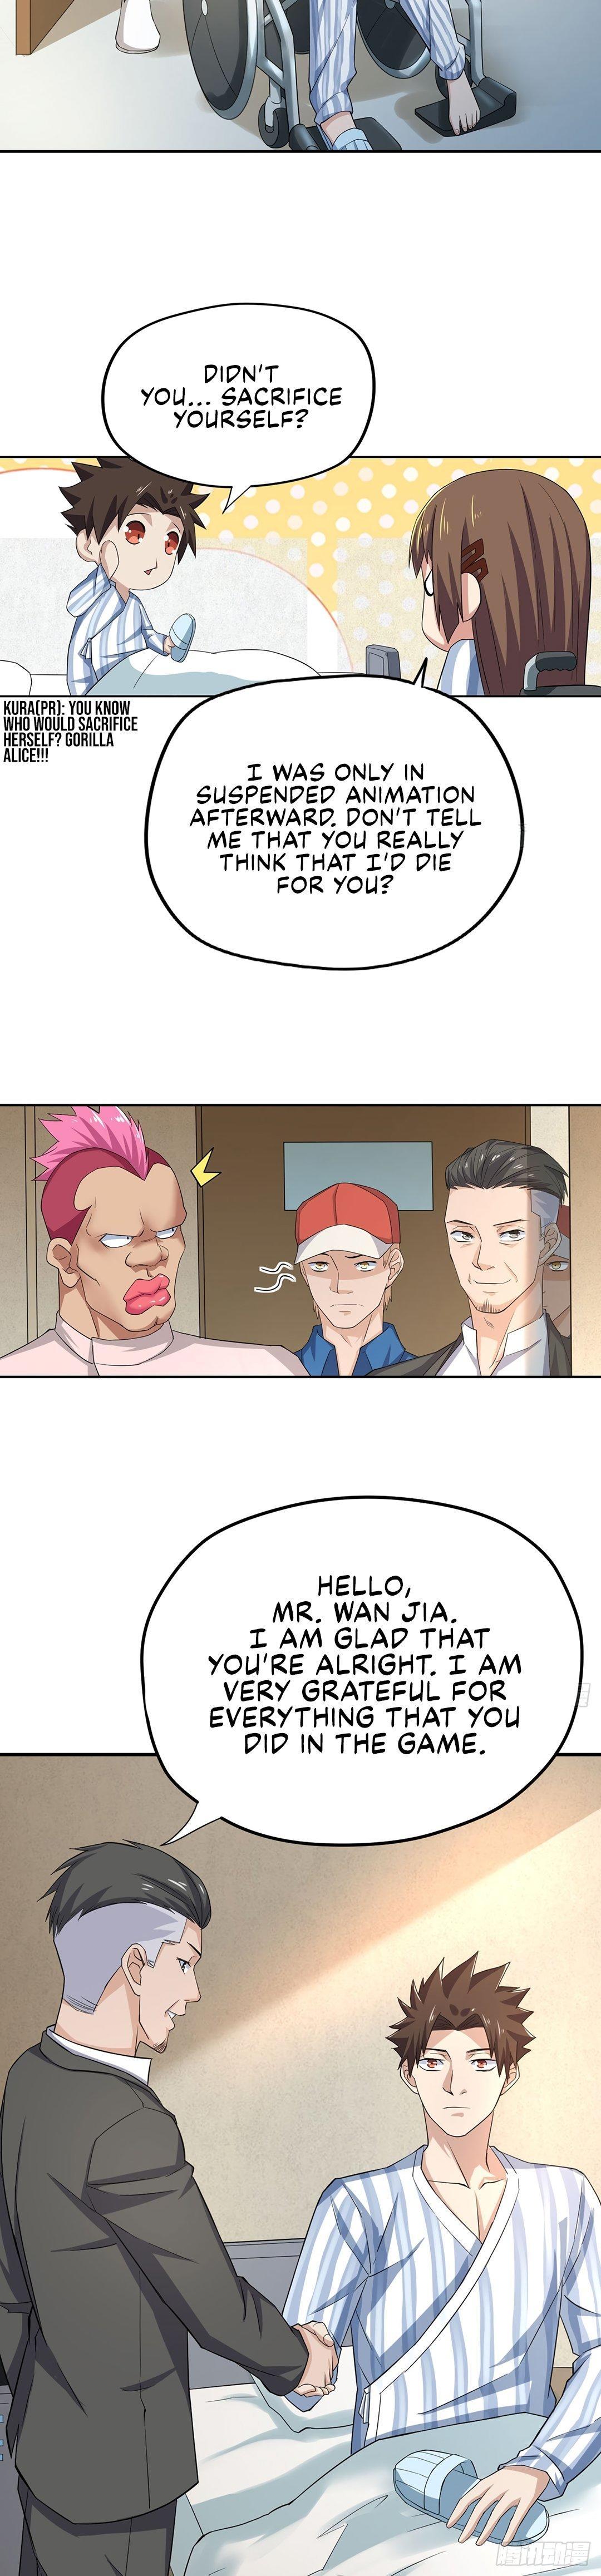 Player Reborn Chapter 194 page 12 - Mangakakalot